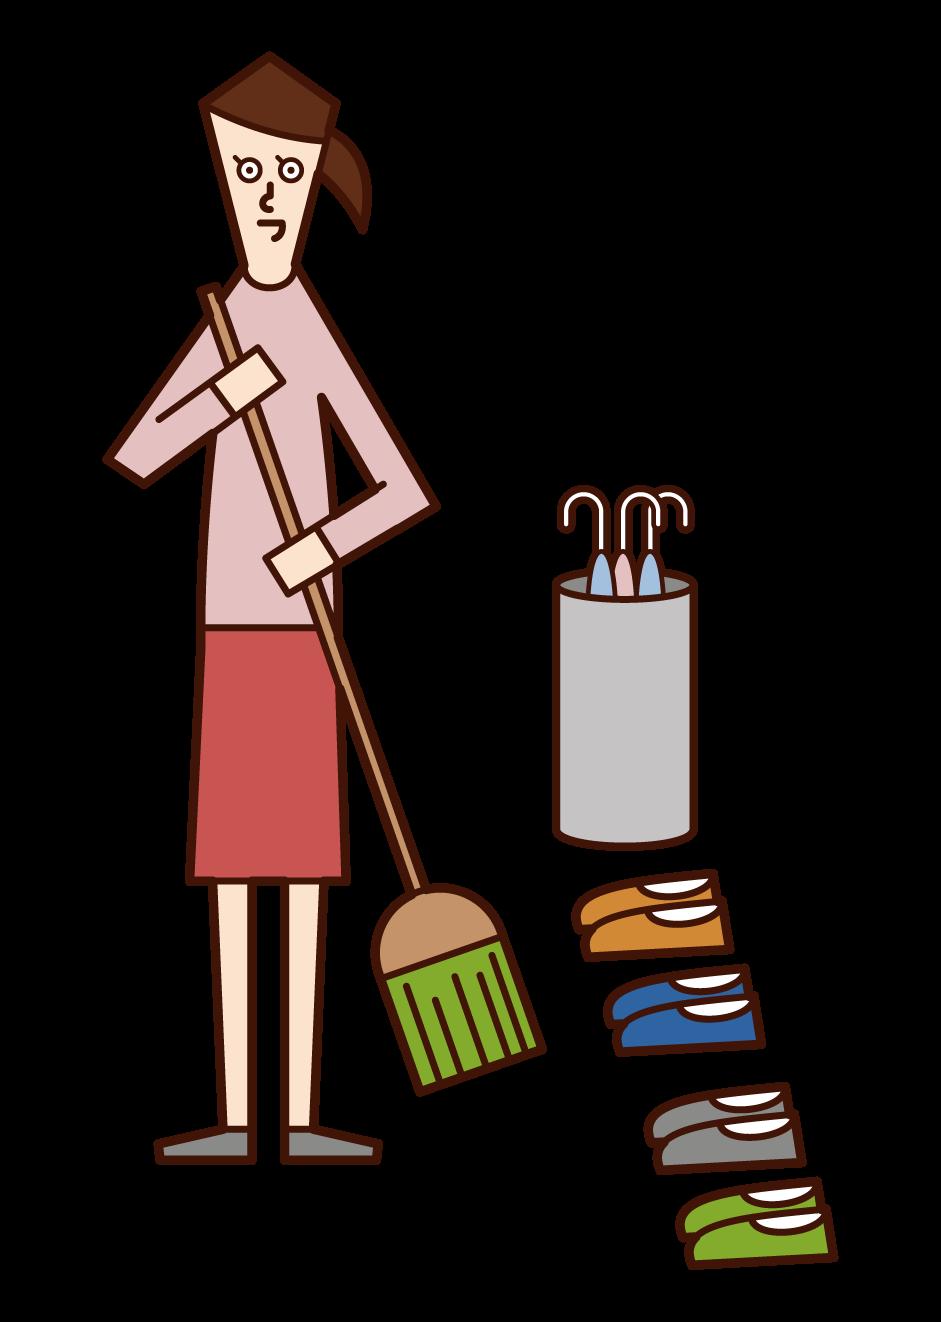 정문을 청소하는 사람 (여성)의 그림